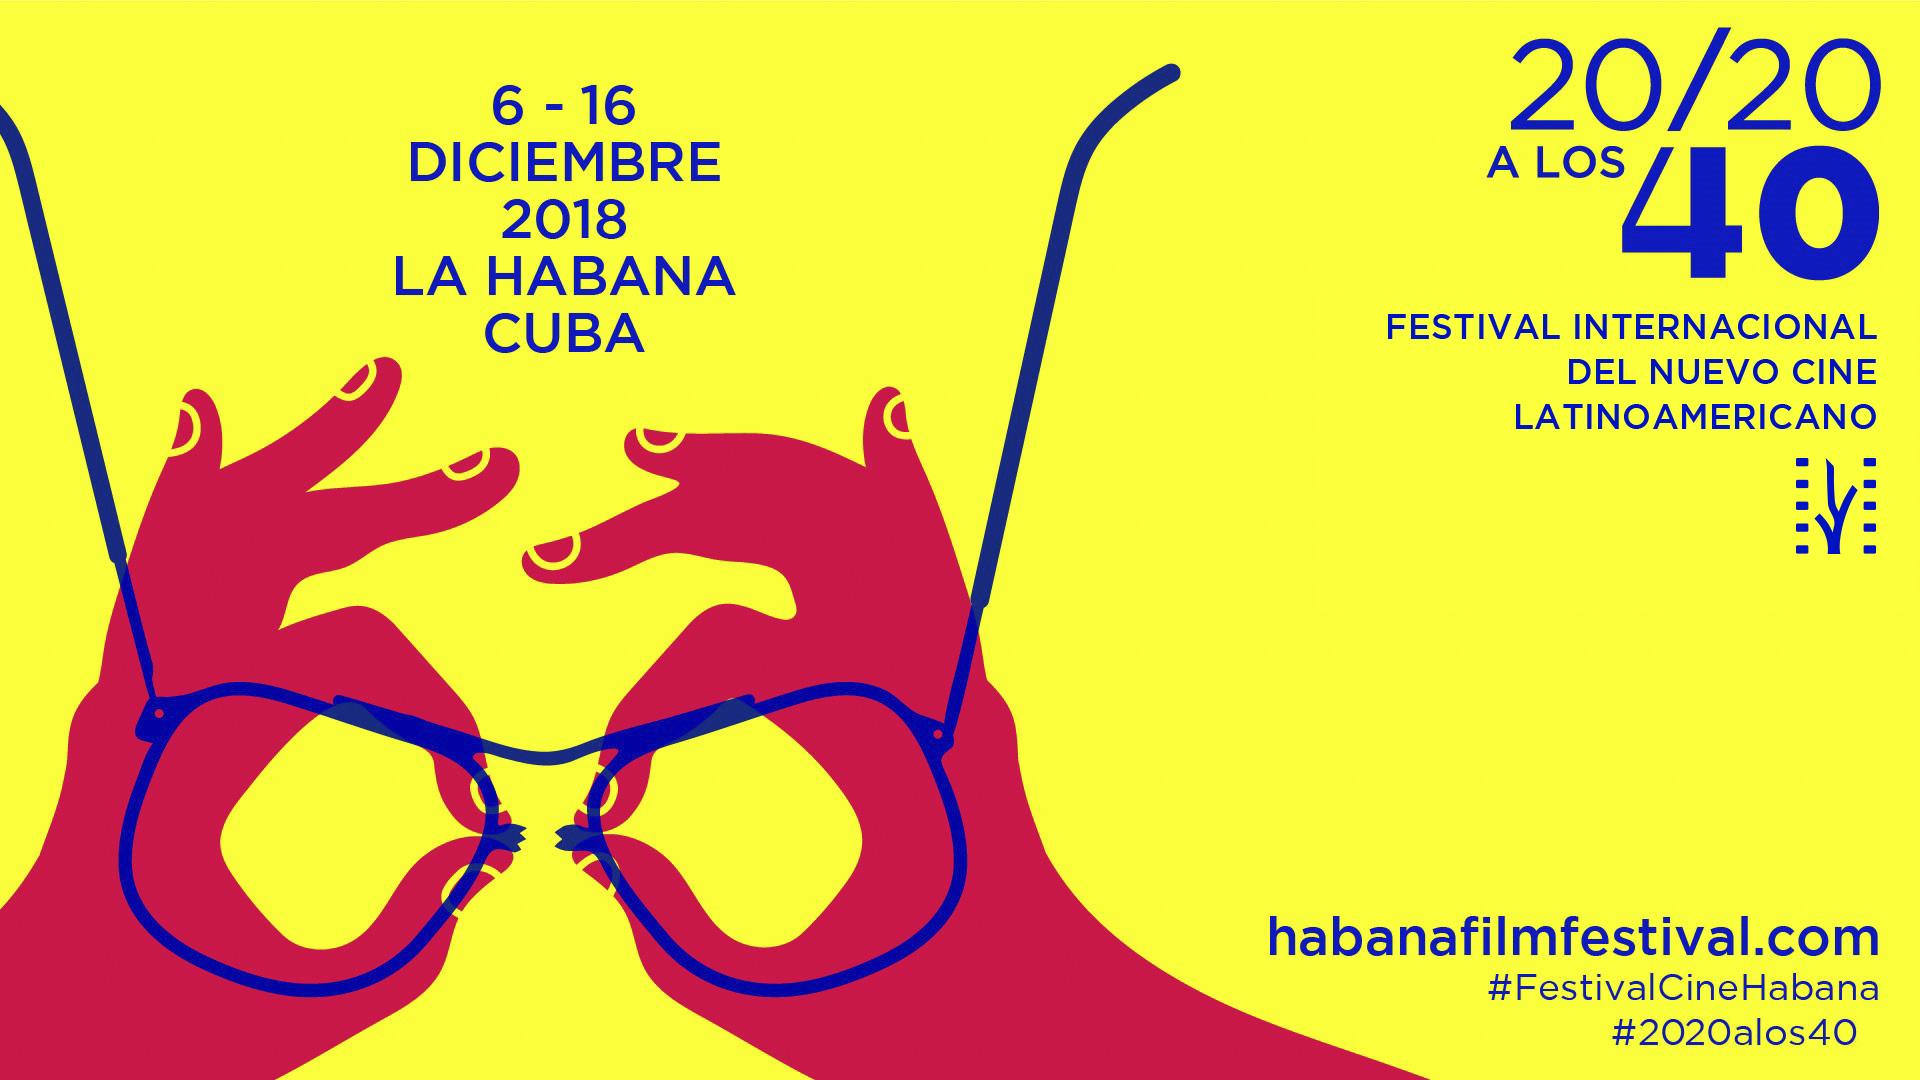 40 Festival. 20/20 a los 40